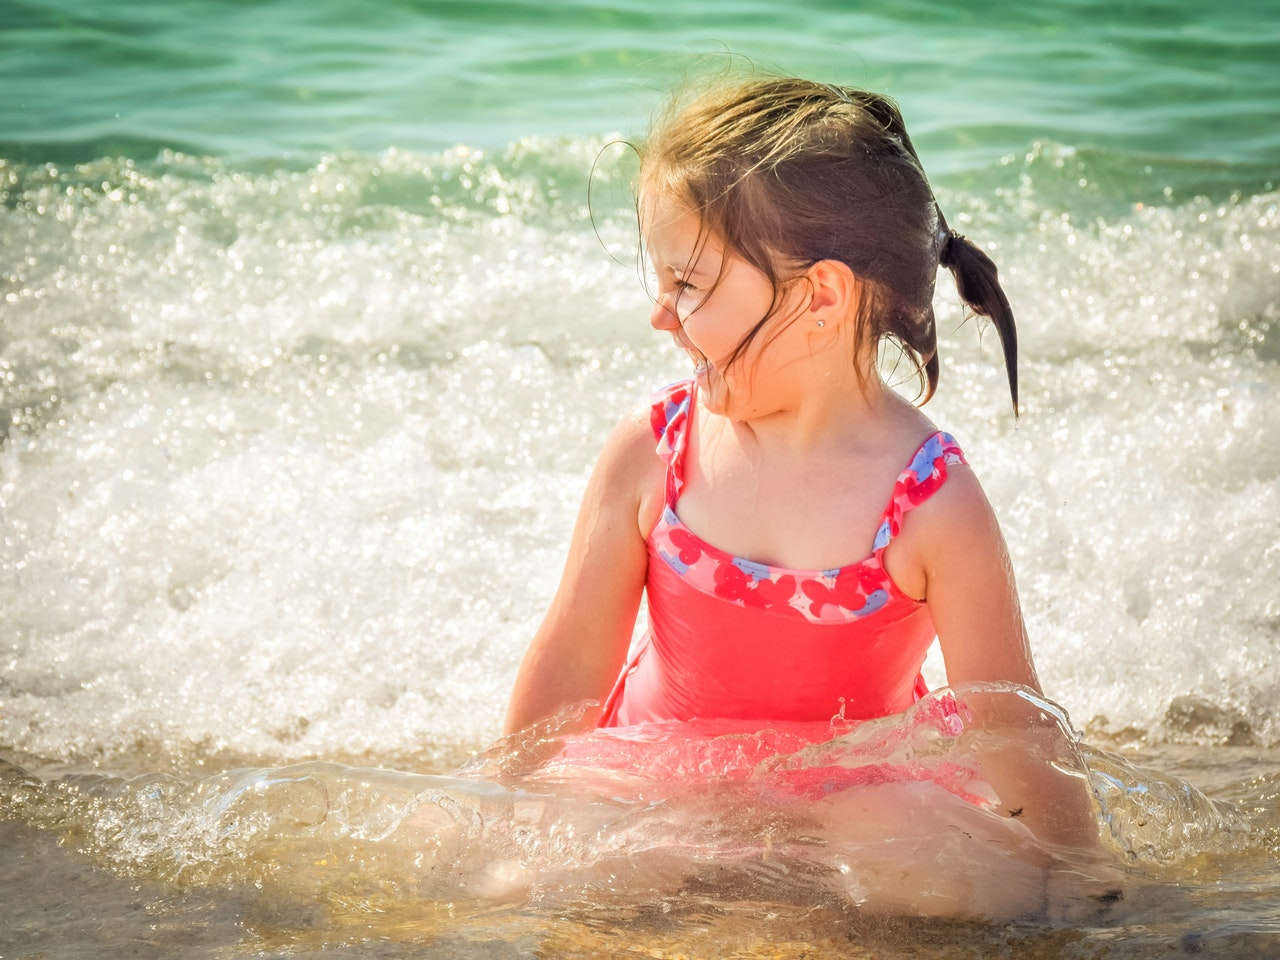 dziewczynka w czerwonym stroju kąpielowym